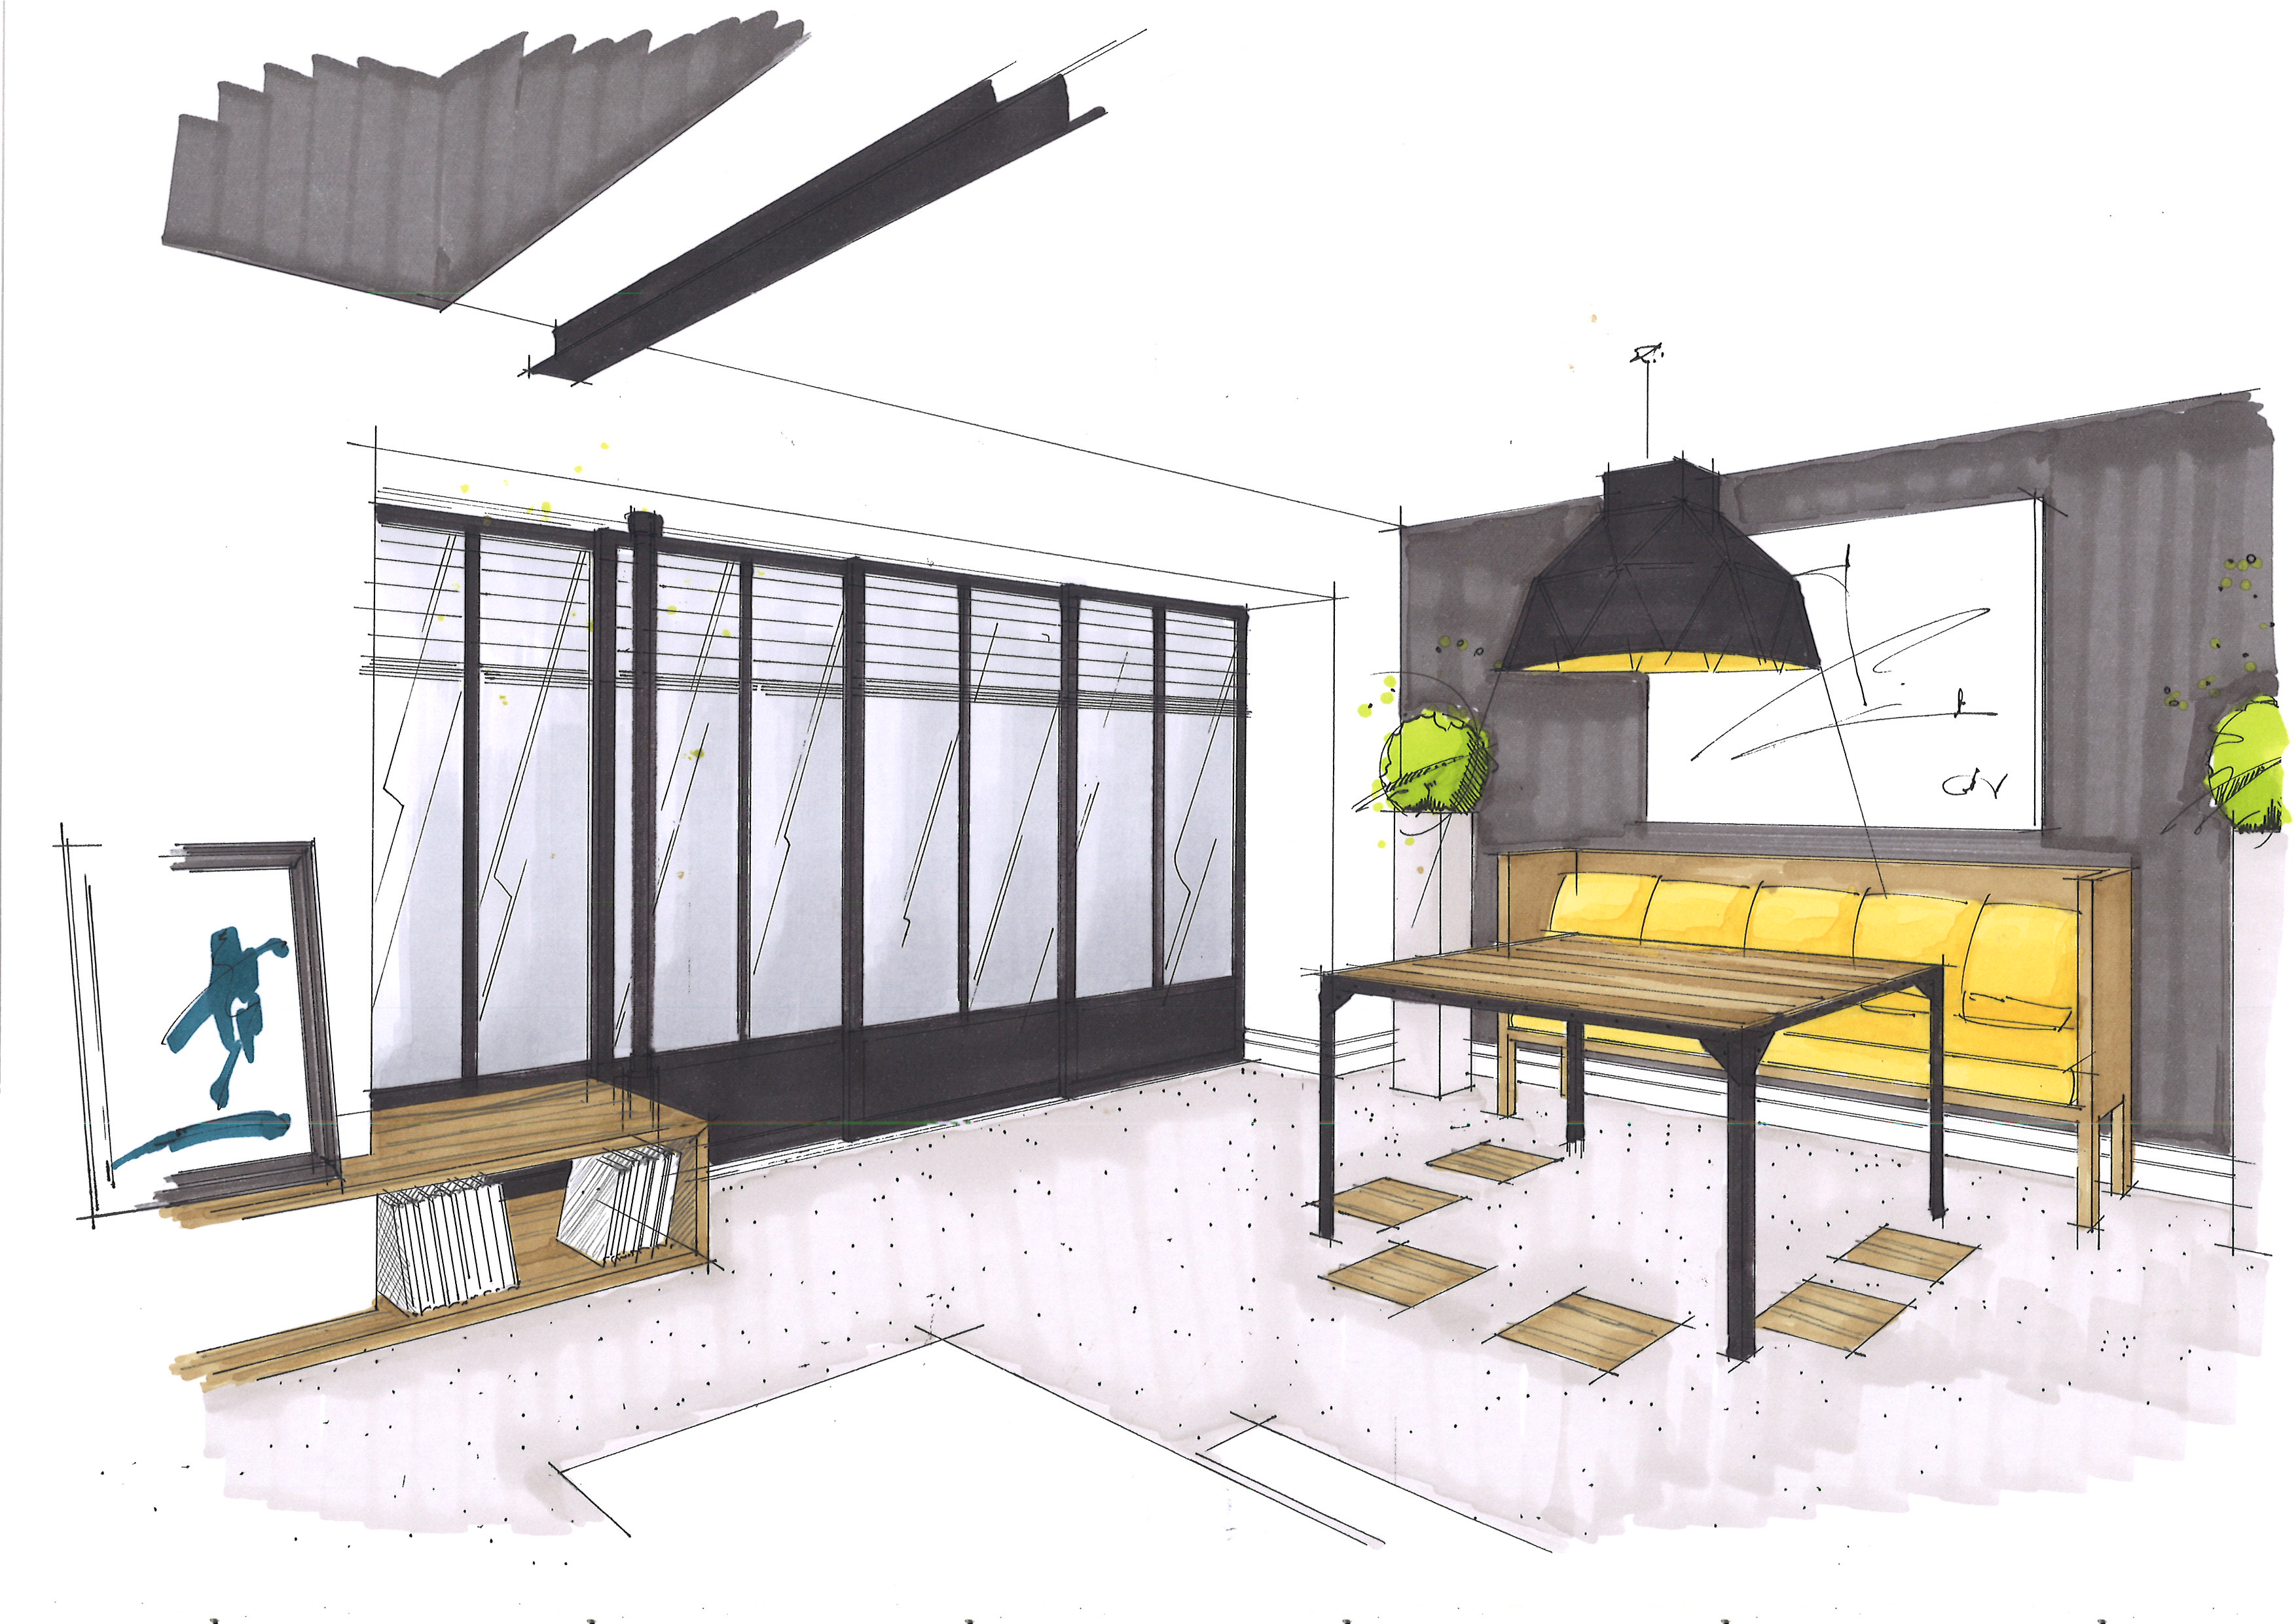 d coration d 39 int rieur 2d architectes d 39 int rieur. Black Bedroom Furniture Sets. Home Design Ideas